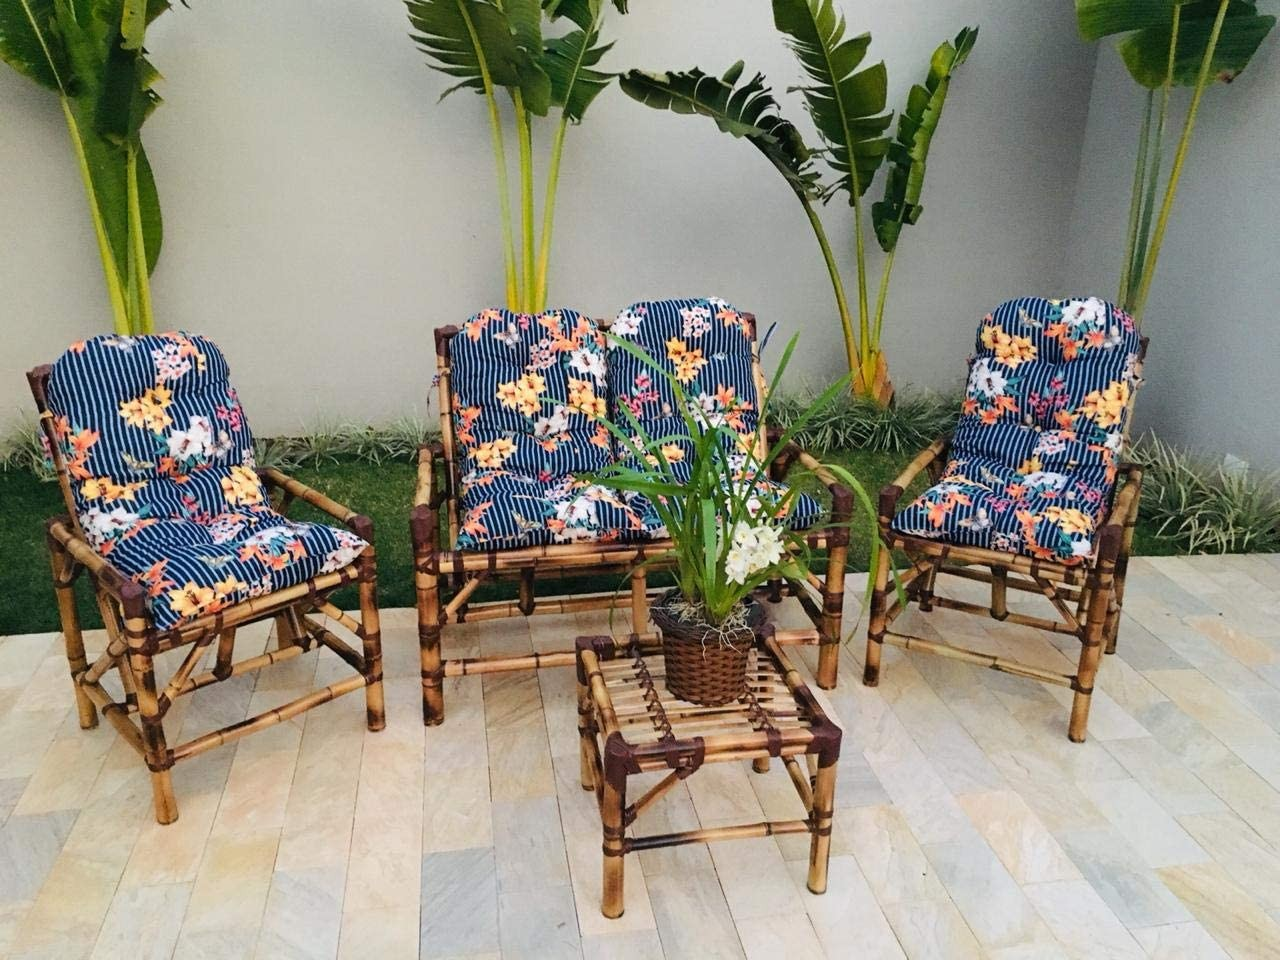 Jogo de cadeiras com mesinha de bambu (Foto: Reprodução/Amazon)